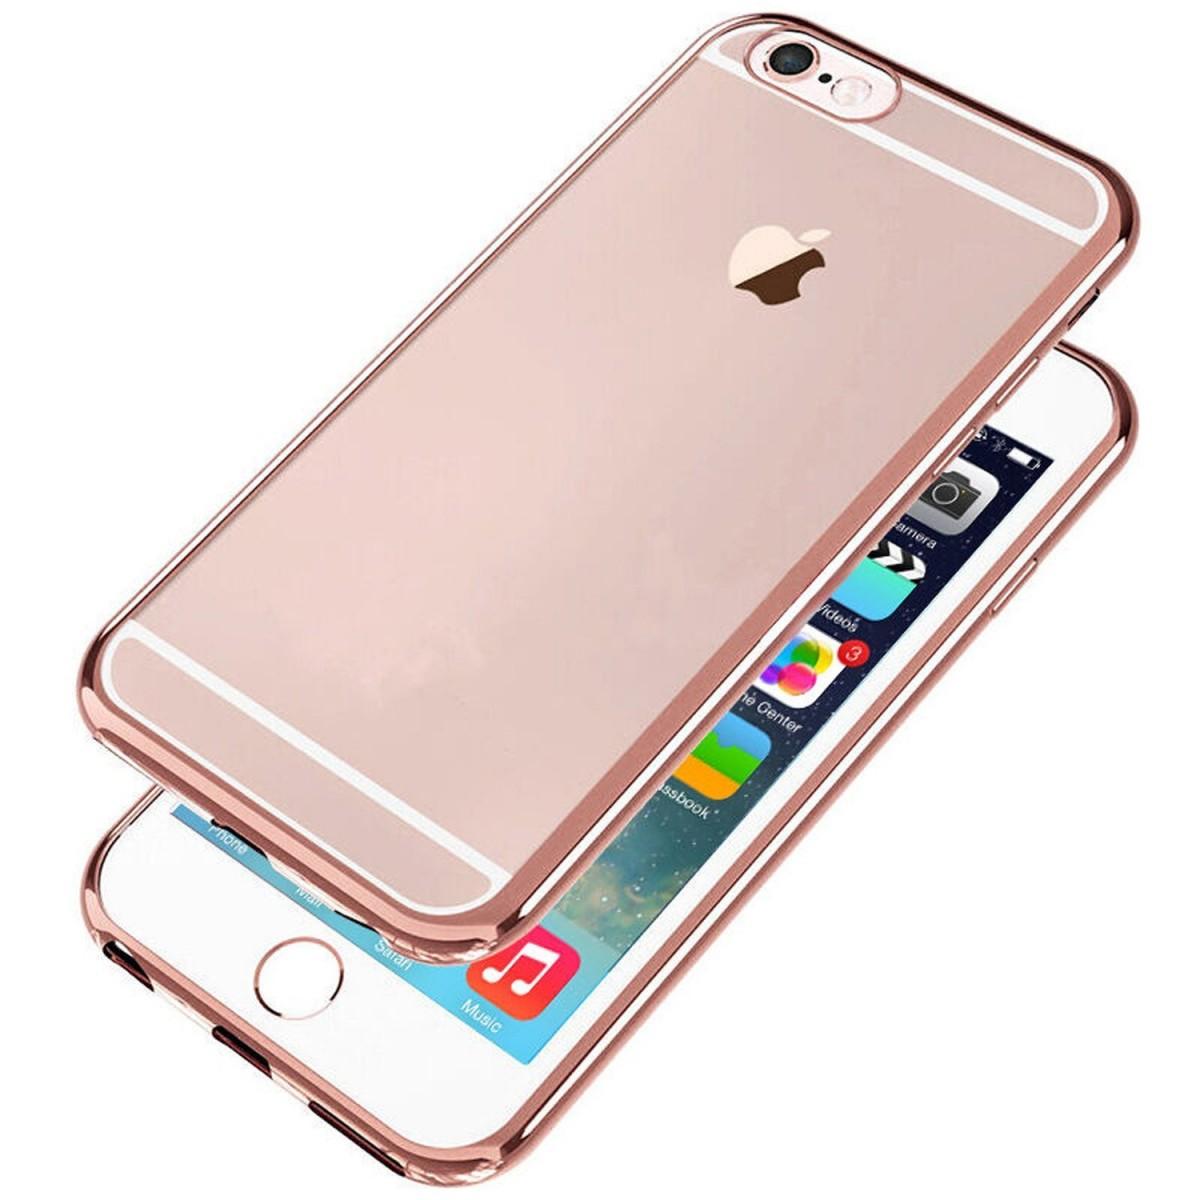 Elegantní obal / kryt RING pro iPhone 6s / 6 Plus (rose gold)